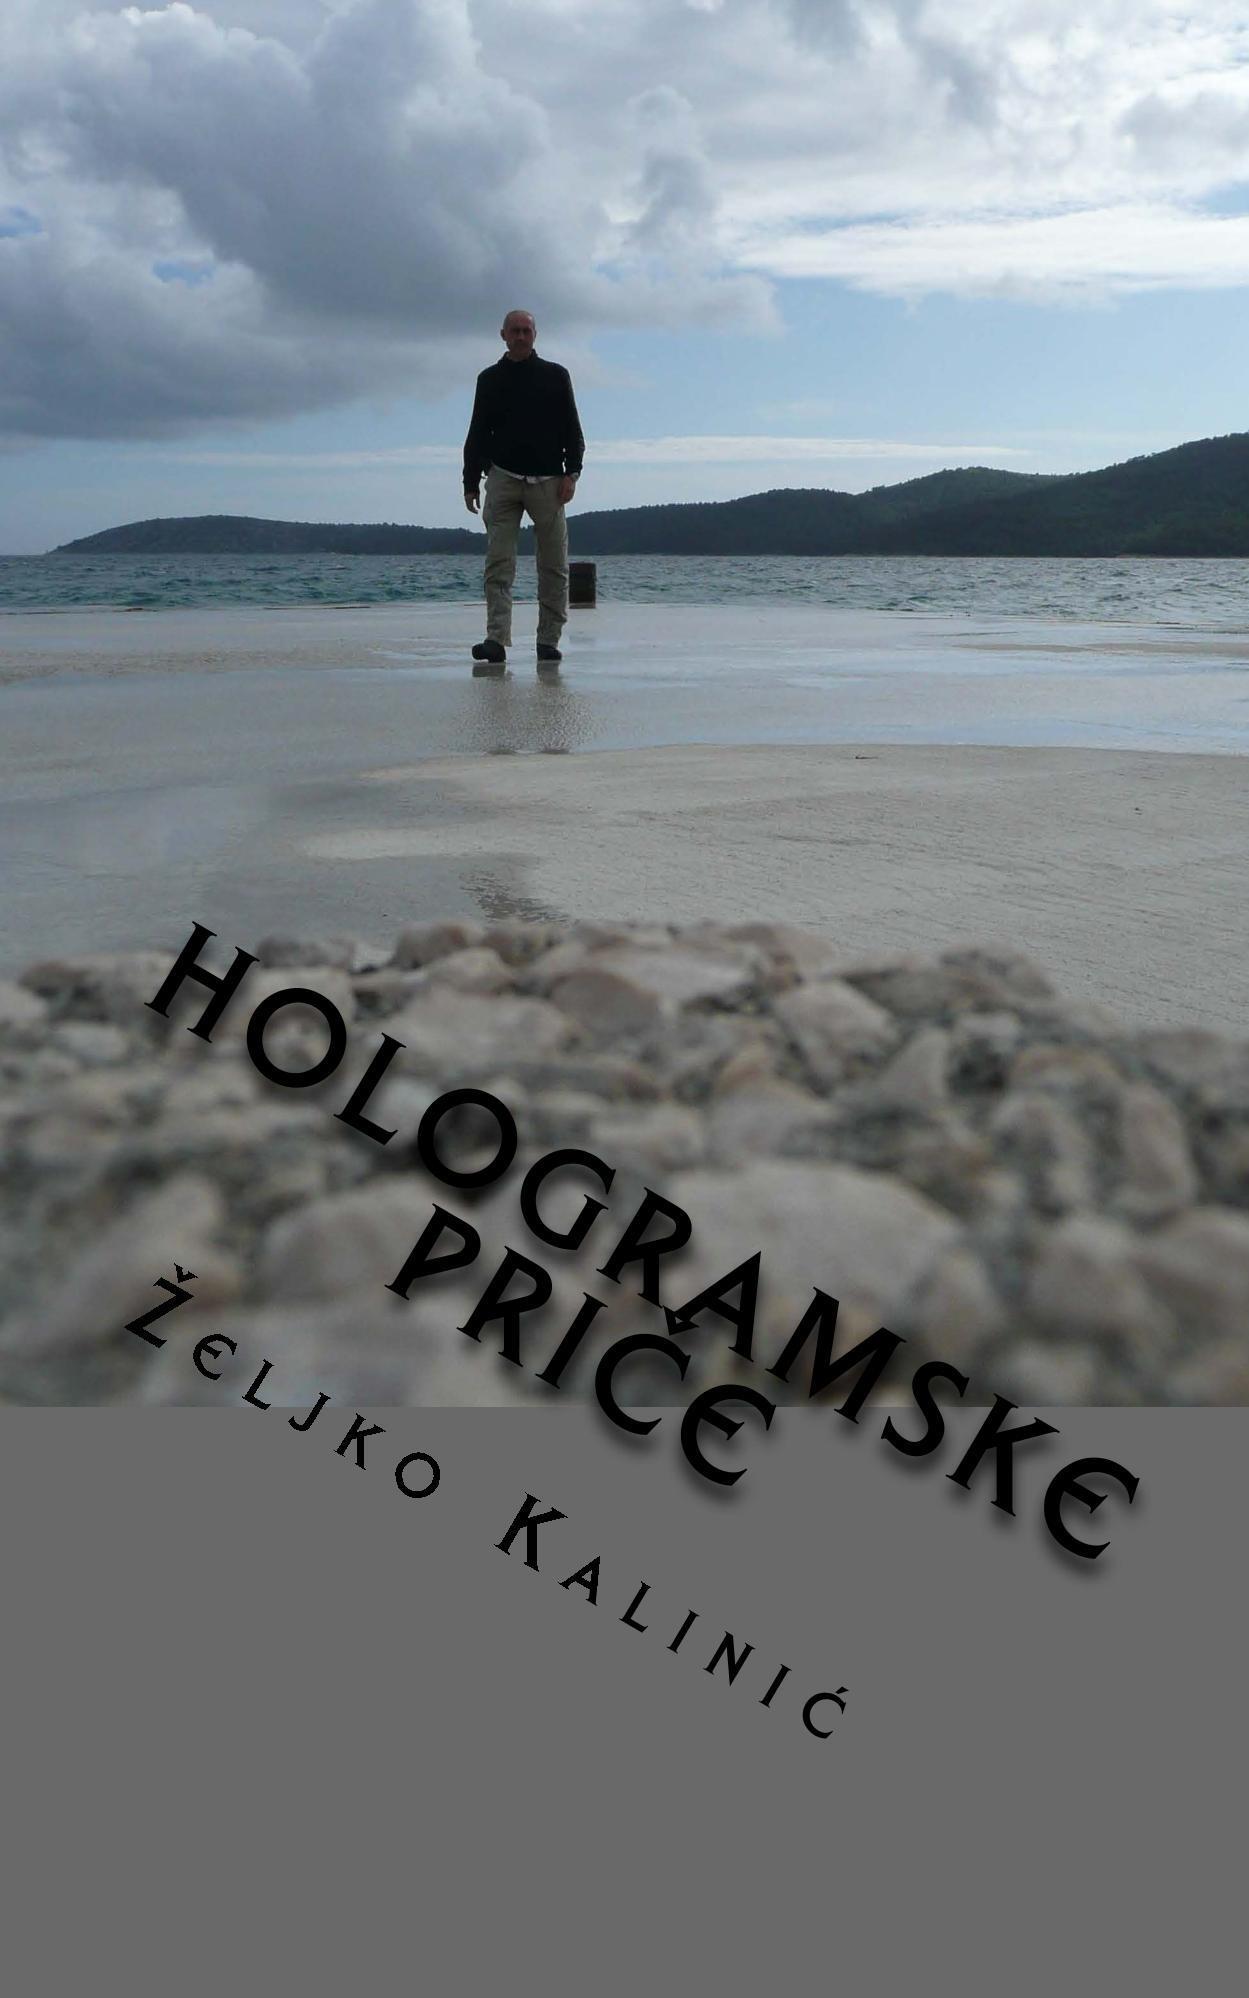 Hologramske priče - priče s neba i druge priče Željko Kalinić